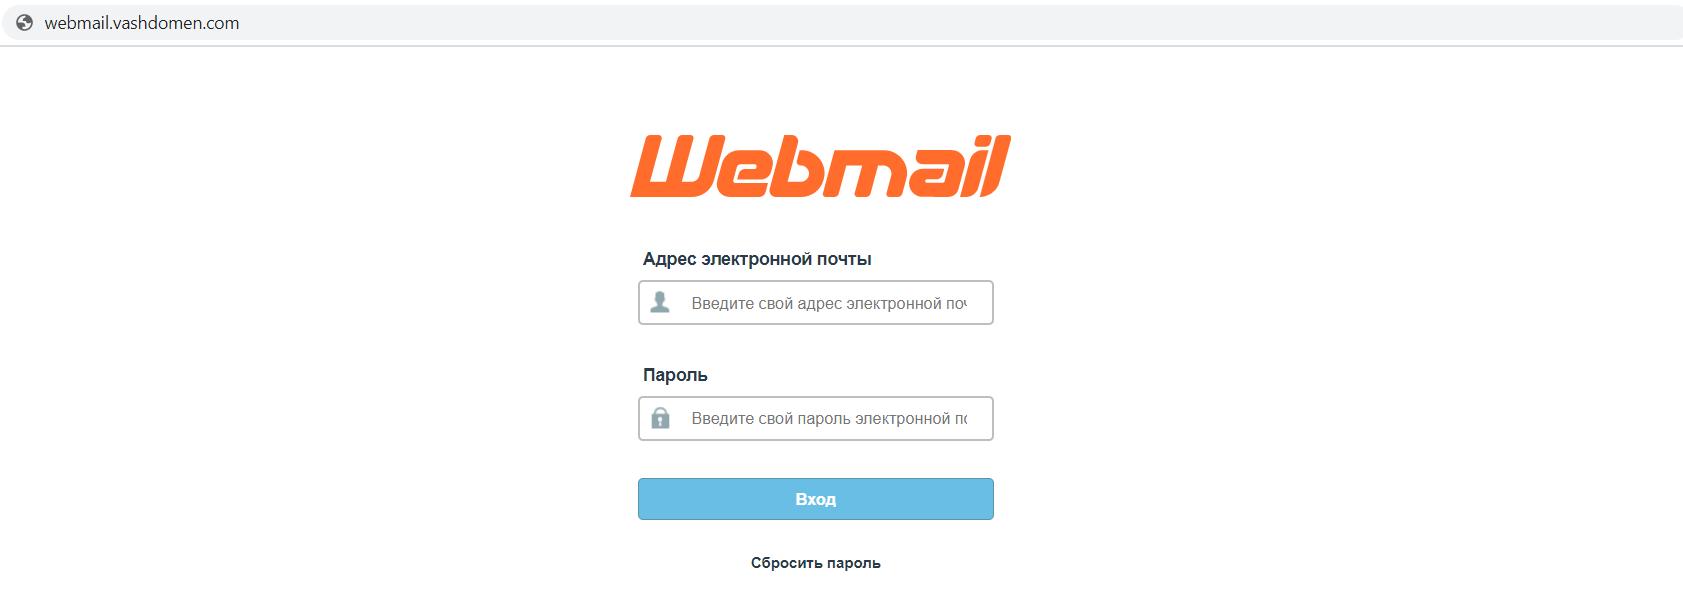 Как создать почту на своём домене. Страница входа в почту по служебному поддомену.